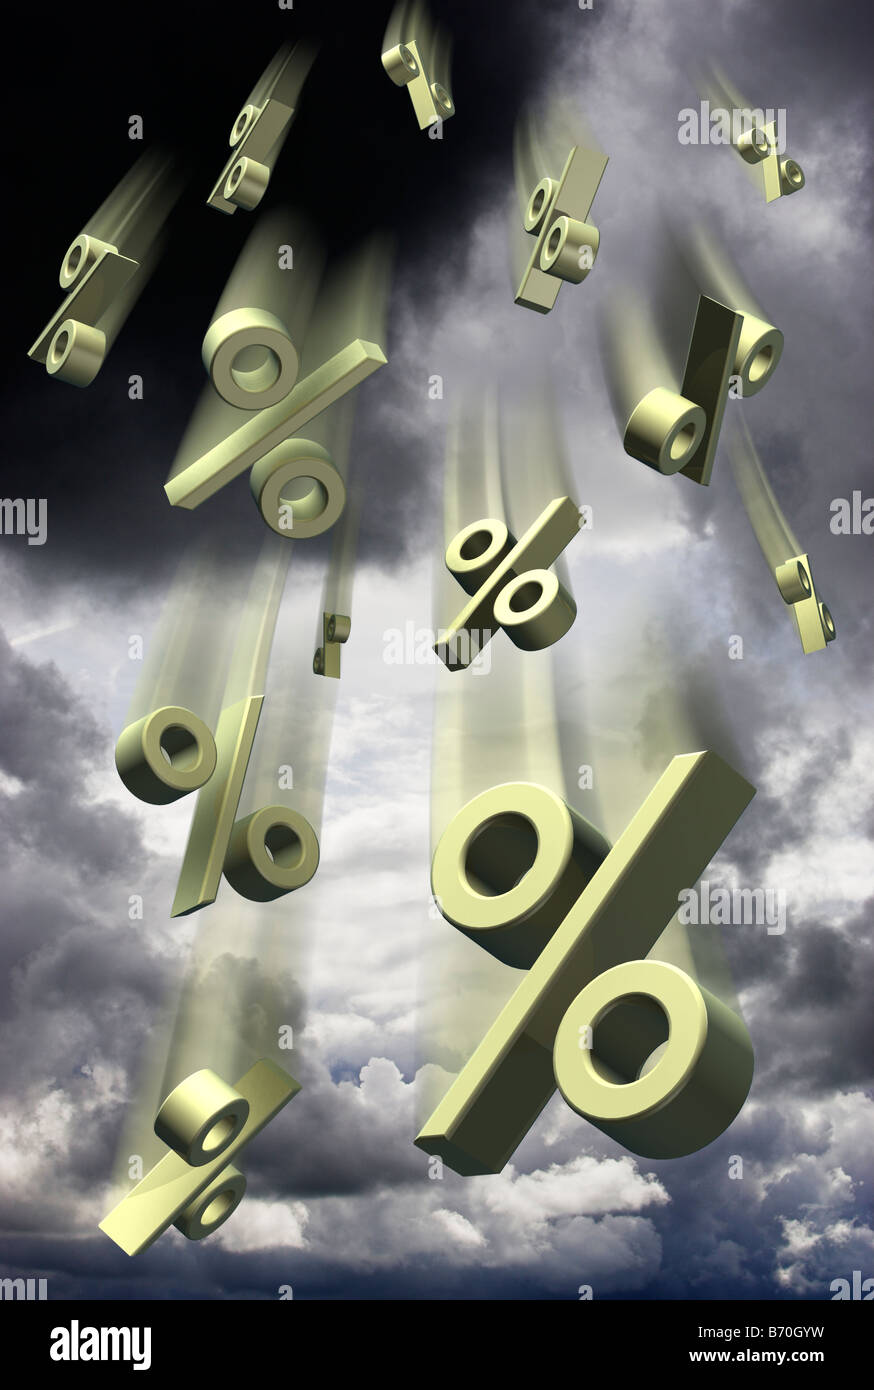 Percentuale di interesse tasso percentuale simboli che cade contro un cielo tempestoso - composito digitale Immagini Stock